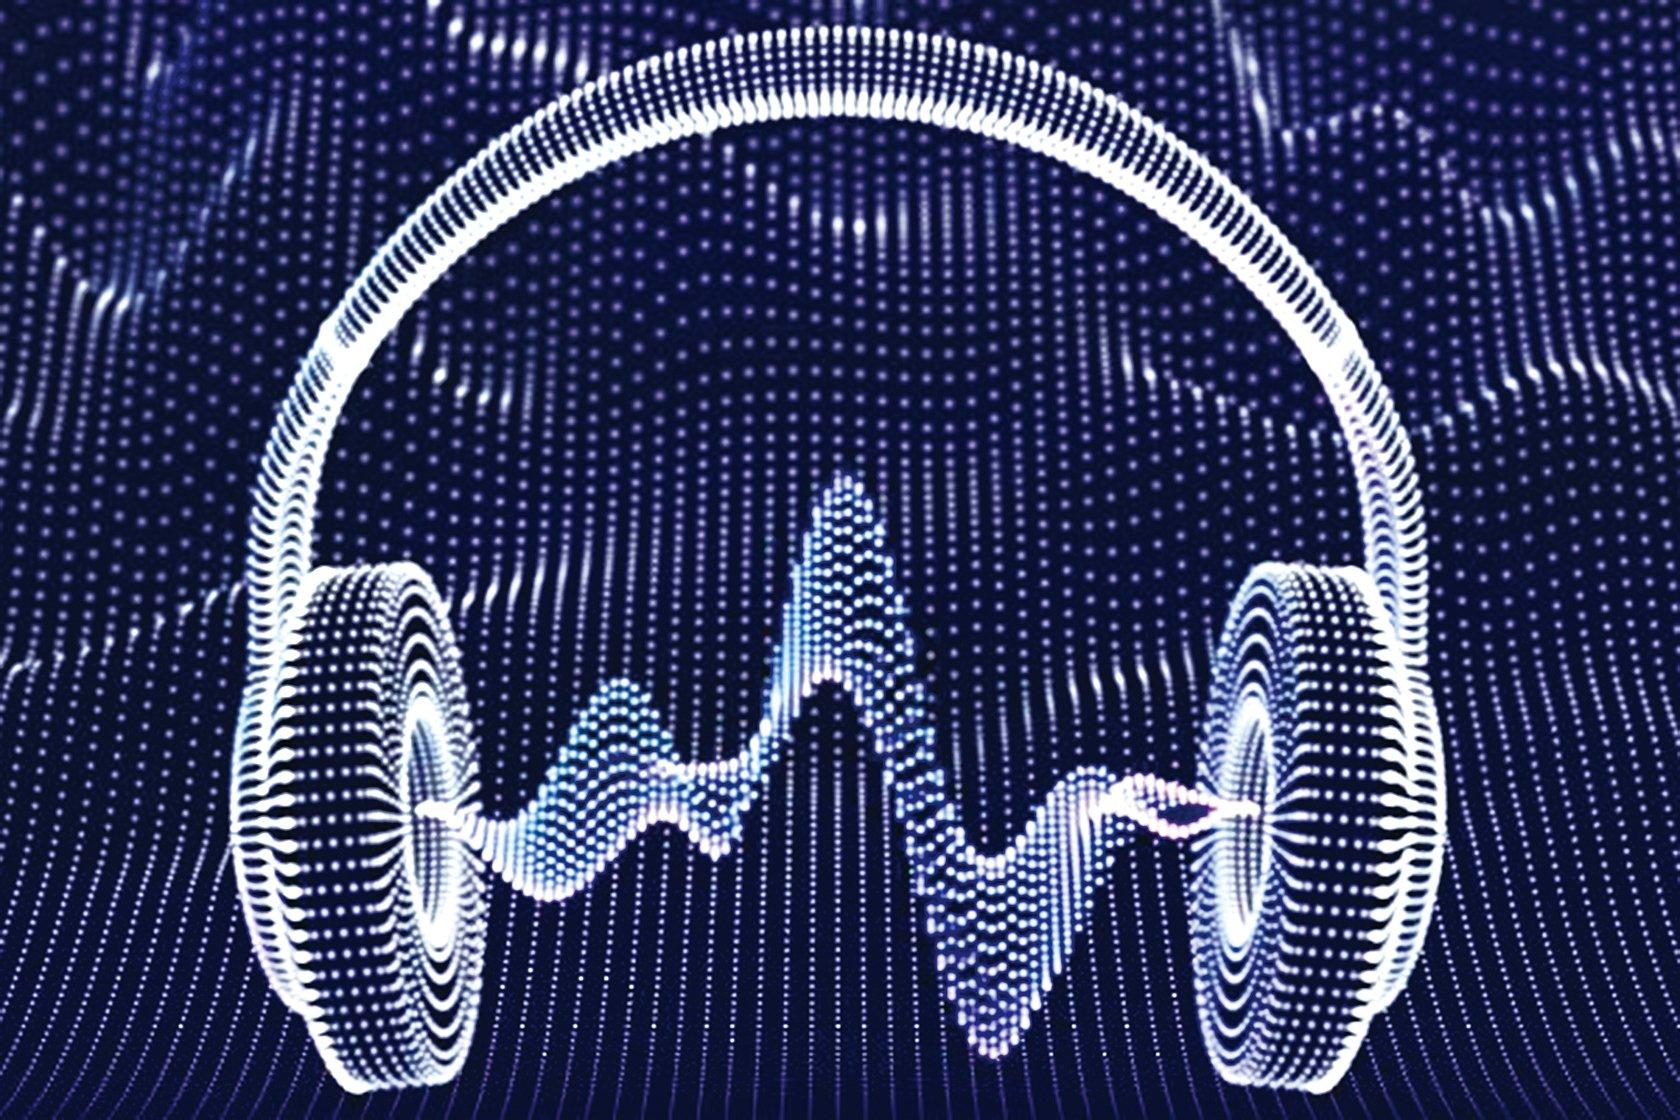 不同類型的音樂會影響人的情感,但是,有一種會對人產生潛移默化的影響,就是標準音高的改變。到底「標準音高」應該定在440赫茲,還是432赫茲?(ShutterStock)